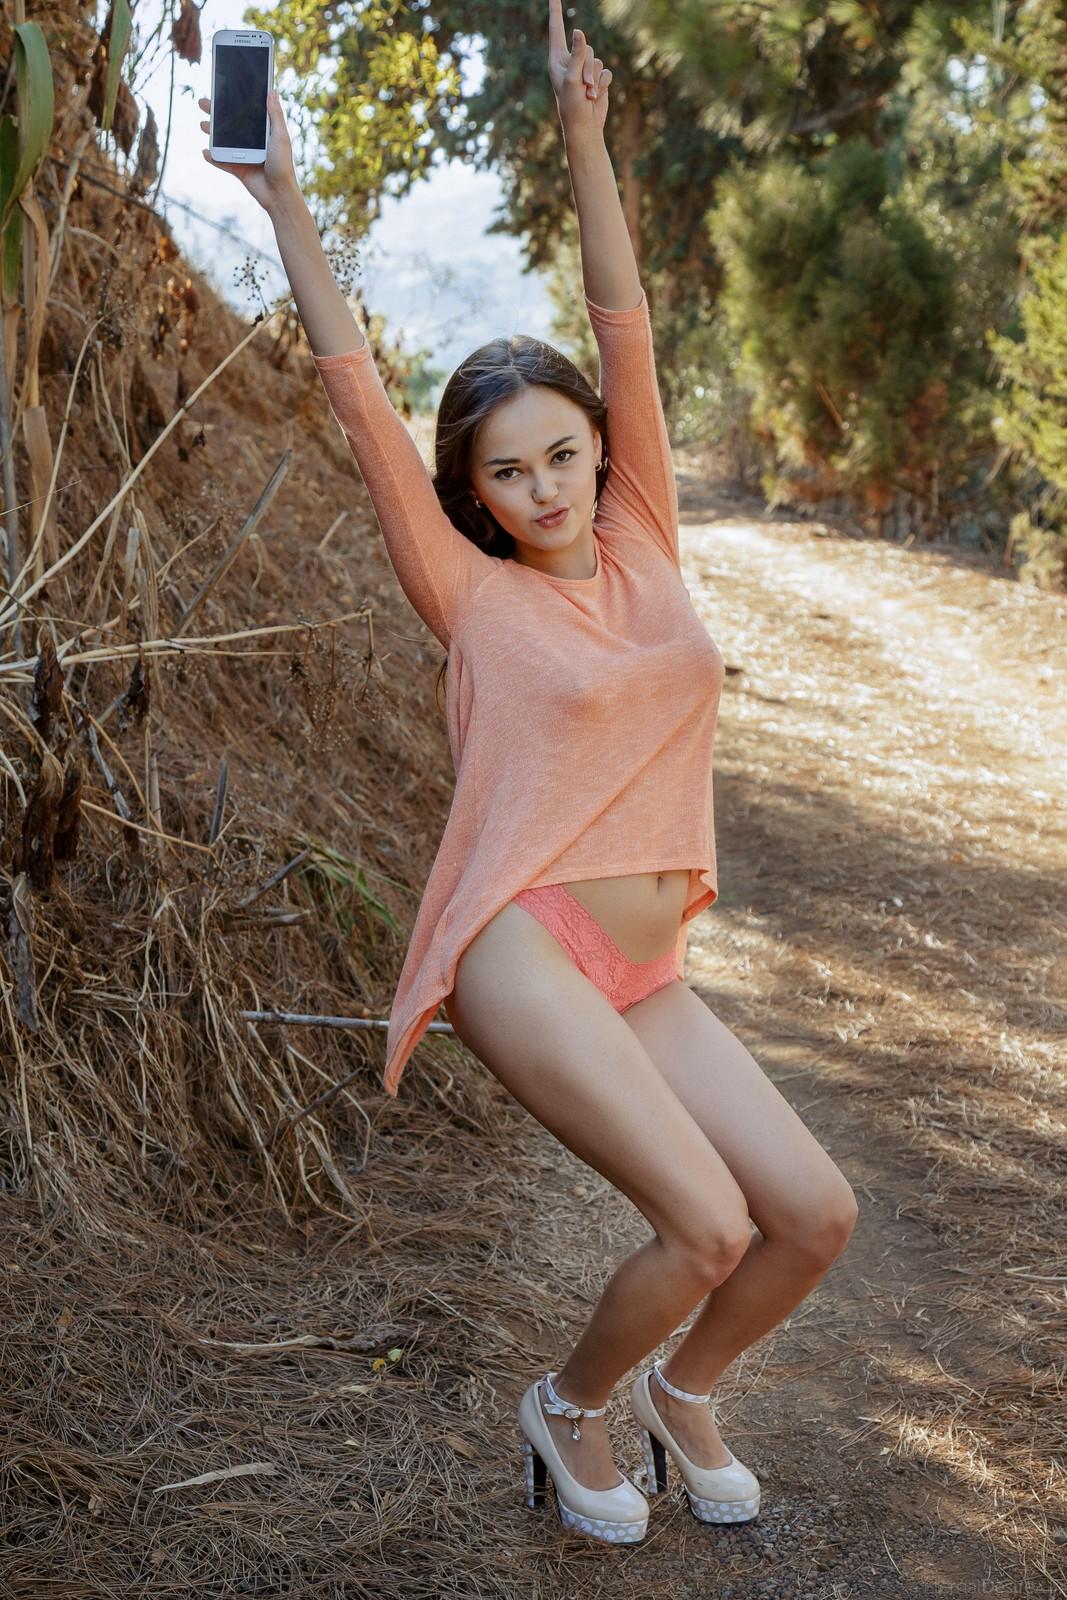 Li Moon muestra su golosa conchita al aire libre